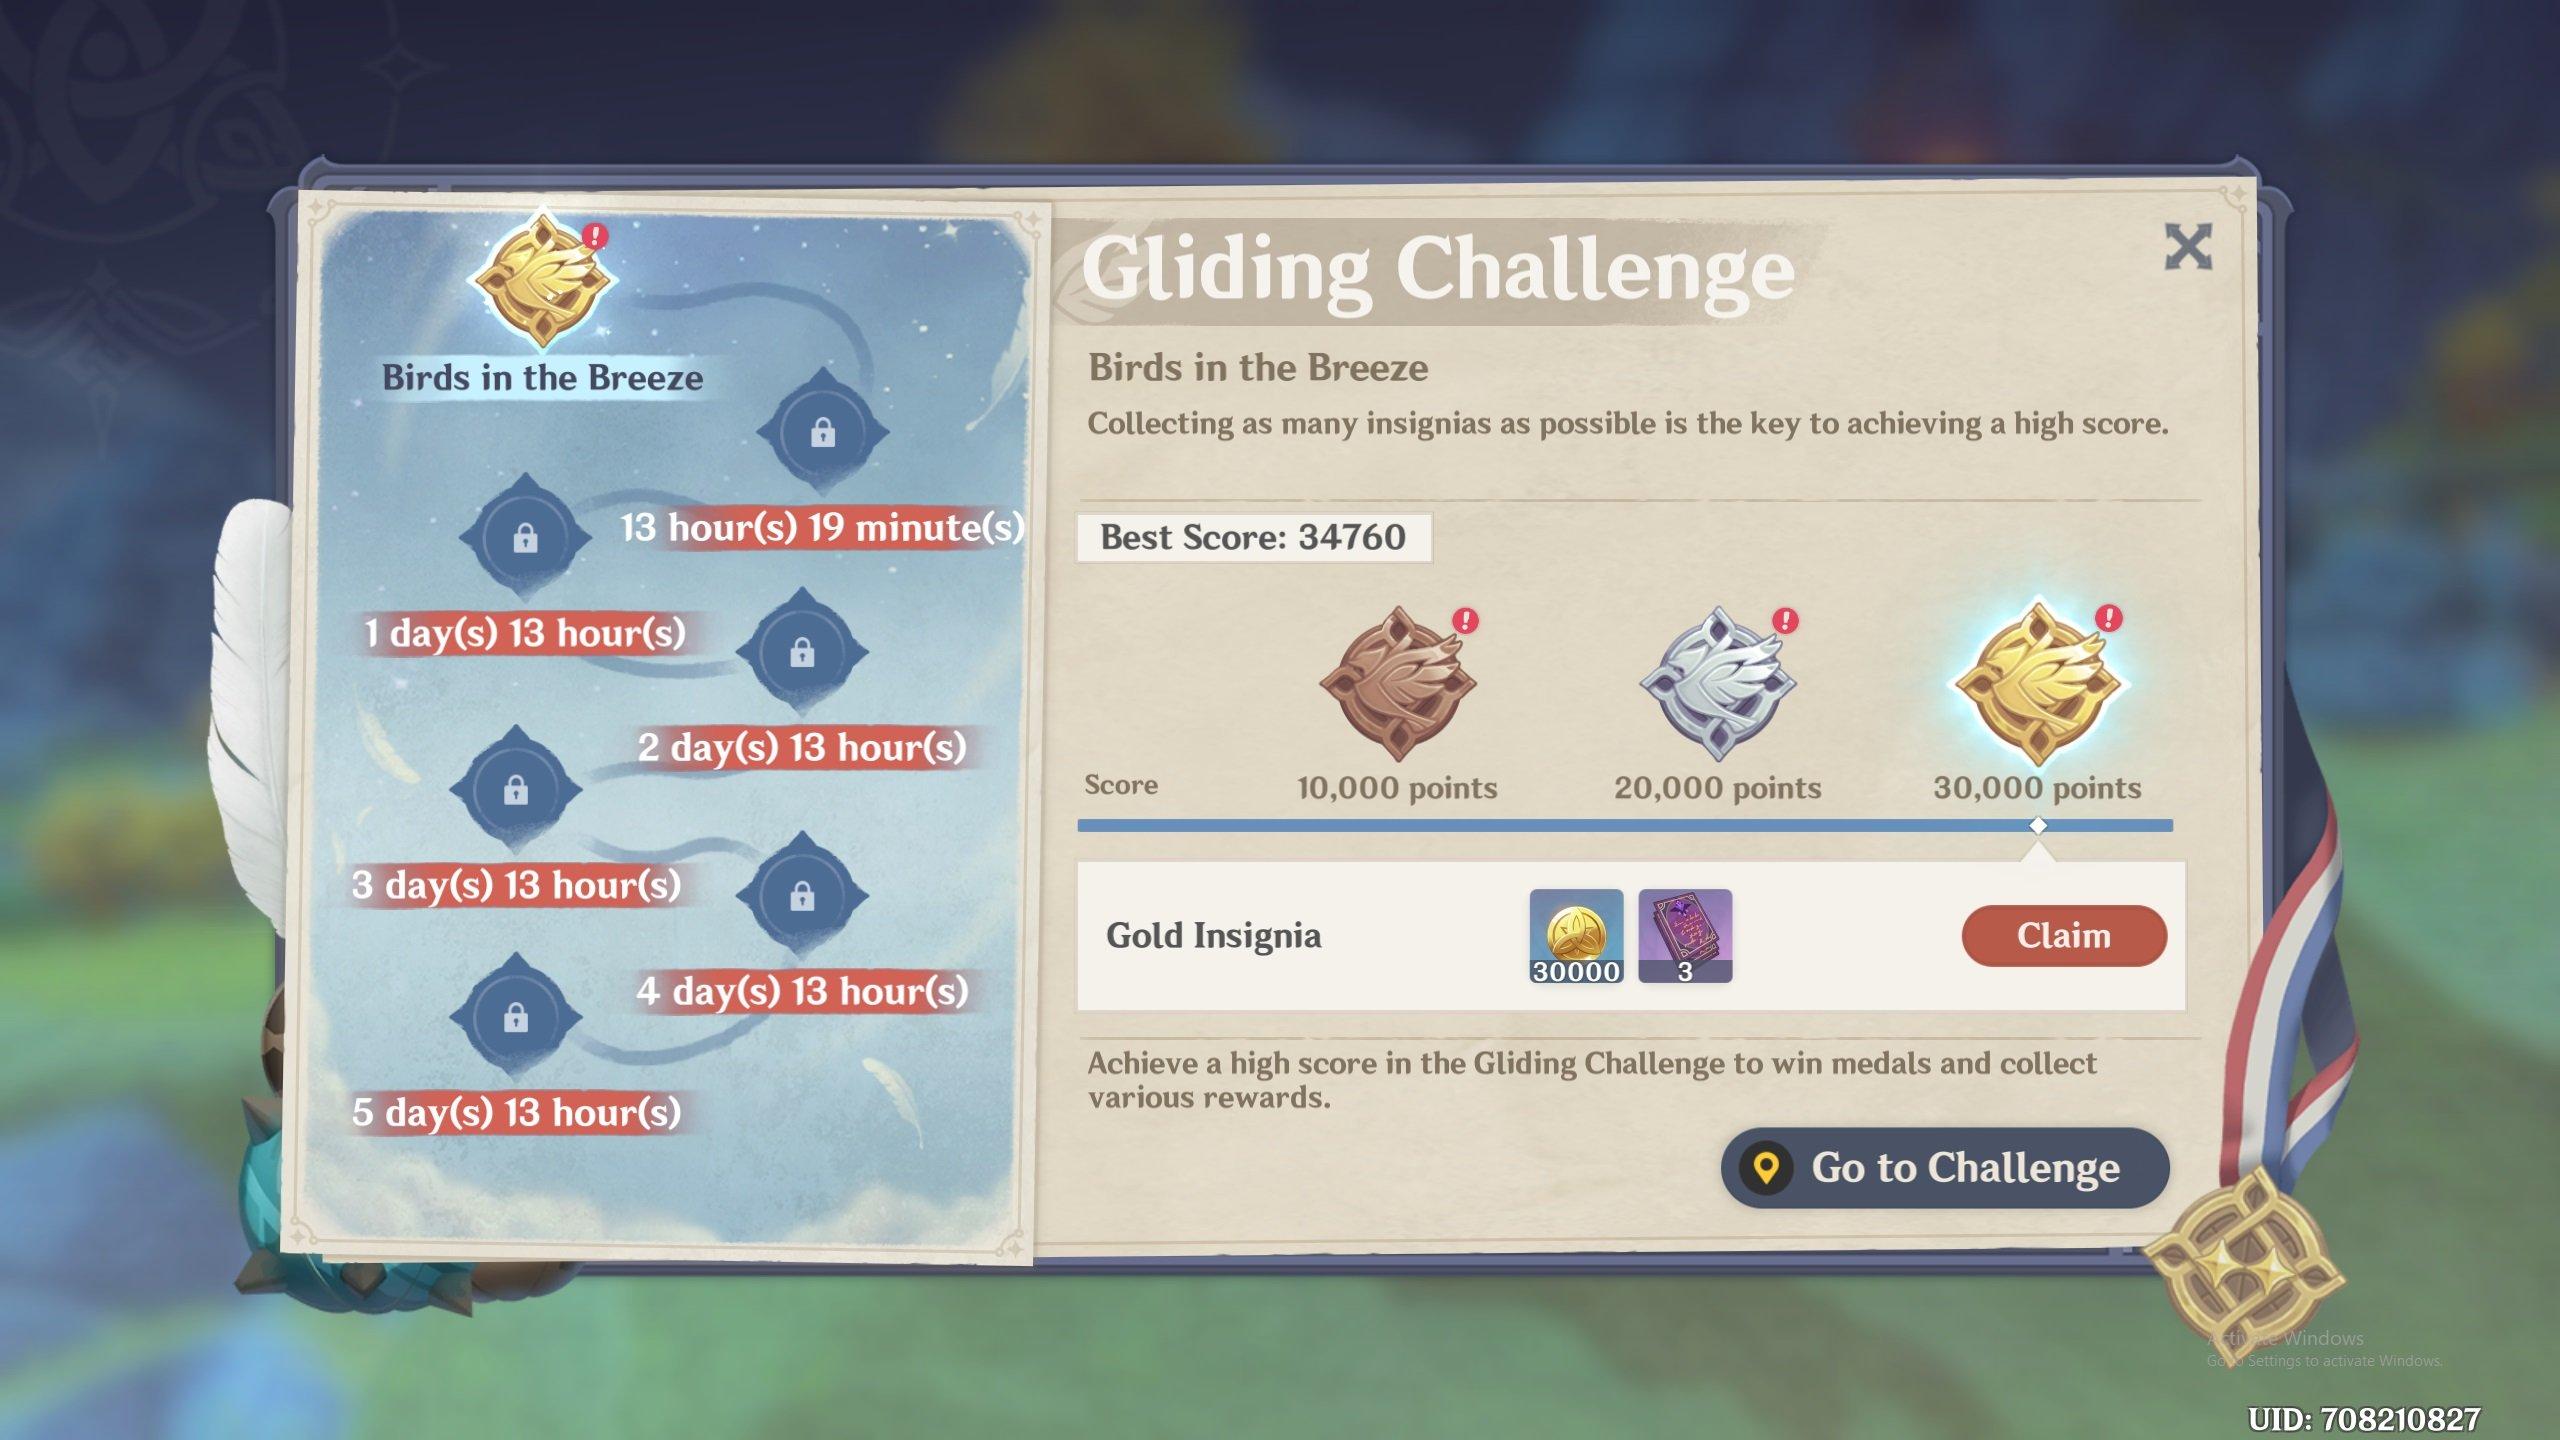 Genshin Impact gliding challenge rewards